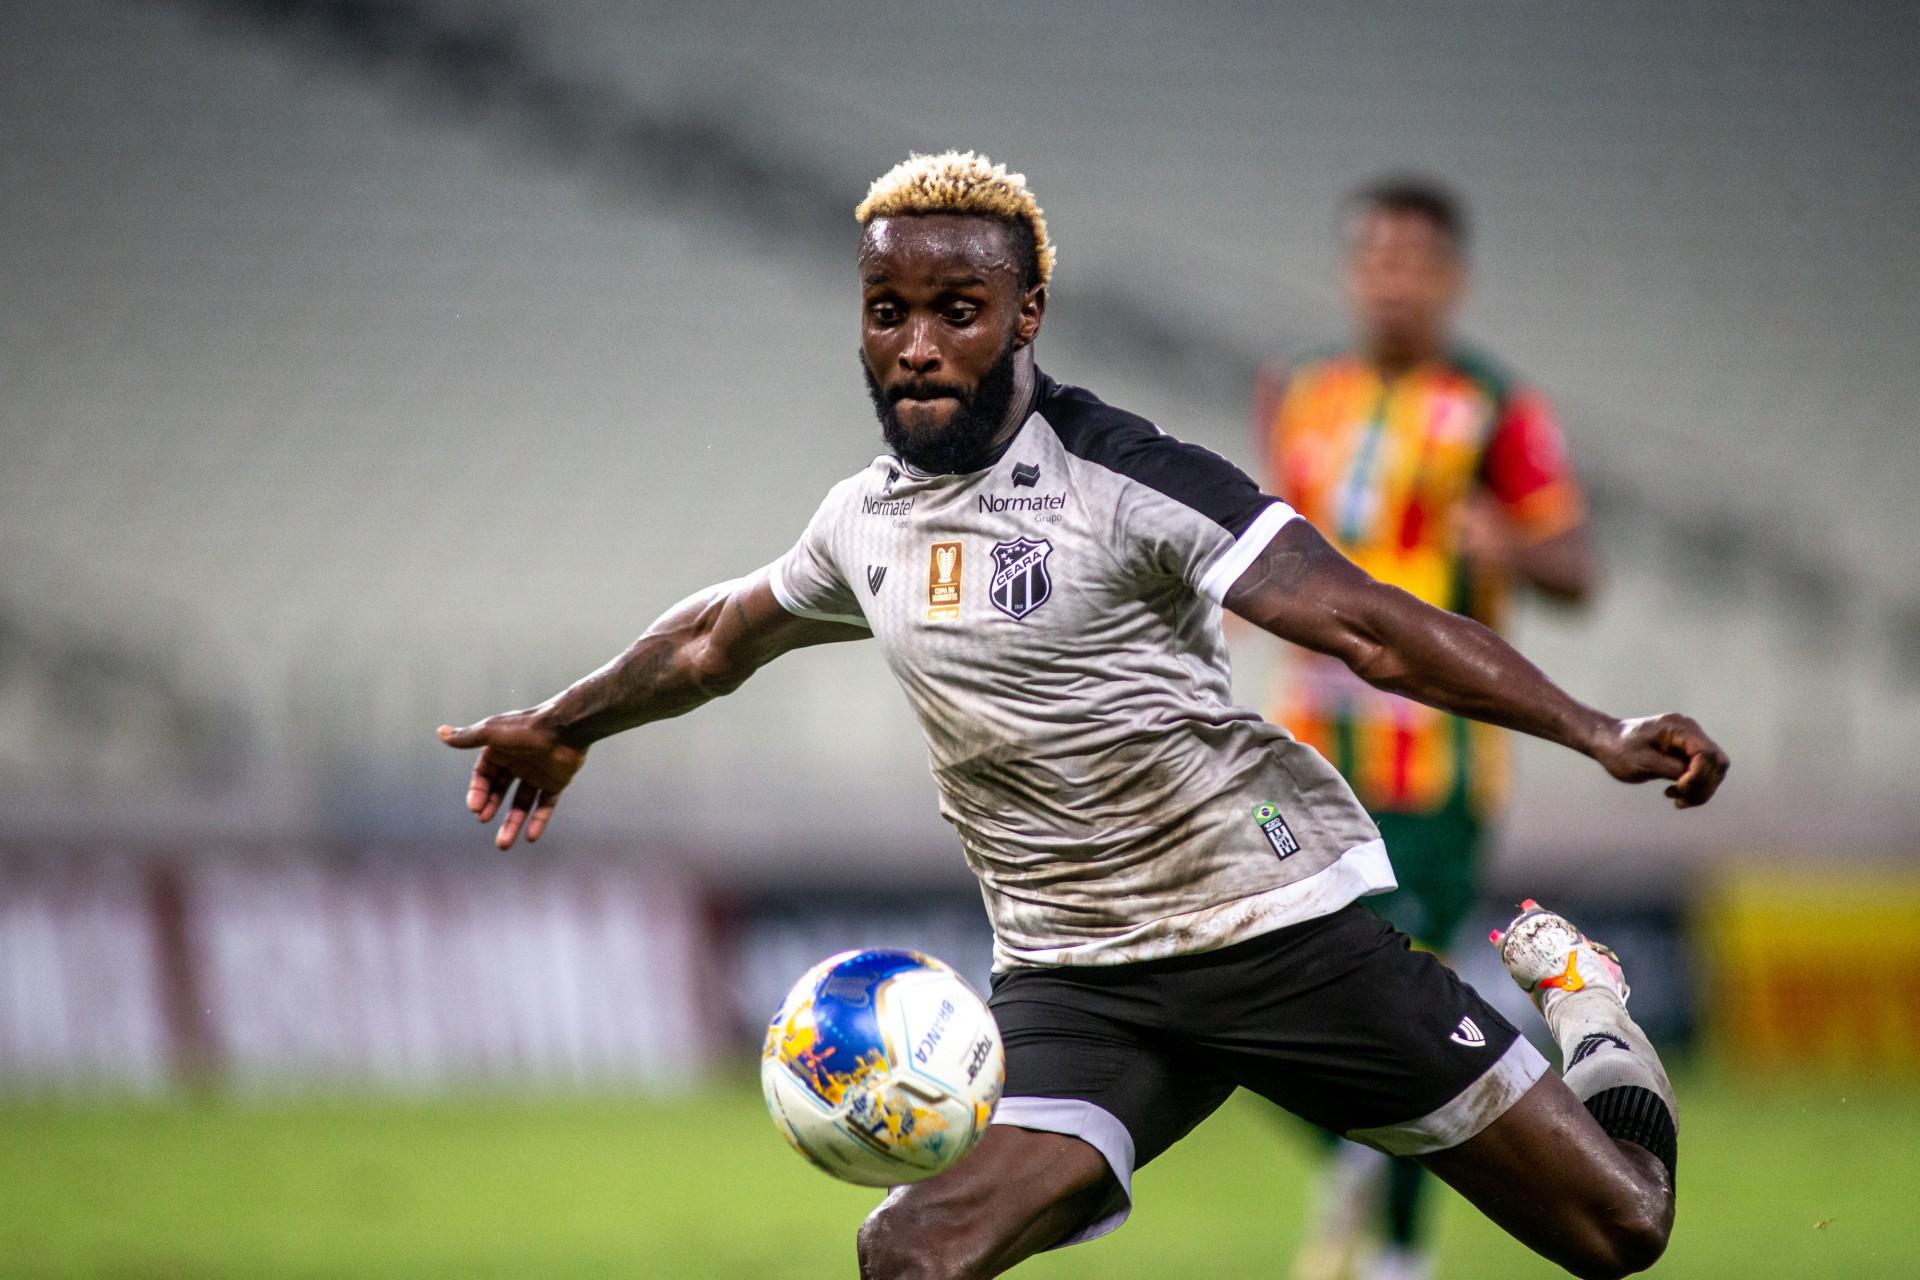 Atacante Steven Mendoza com a bola no jogo Ceará x Sampaio Corrêa, na Arena Castelão, pela Copa do Nordeste